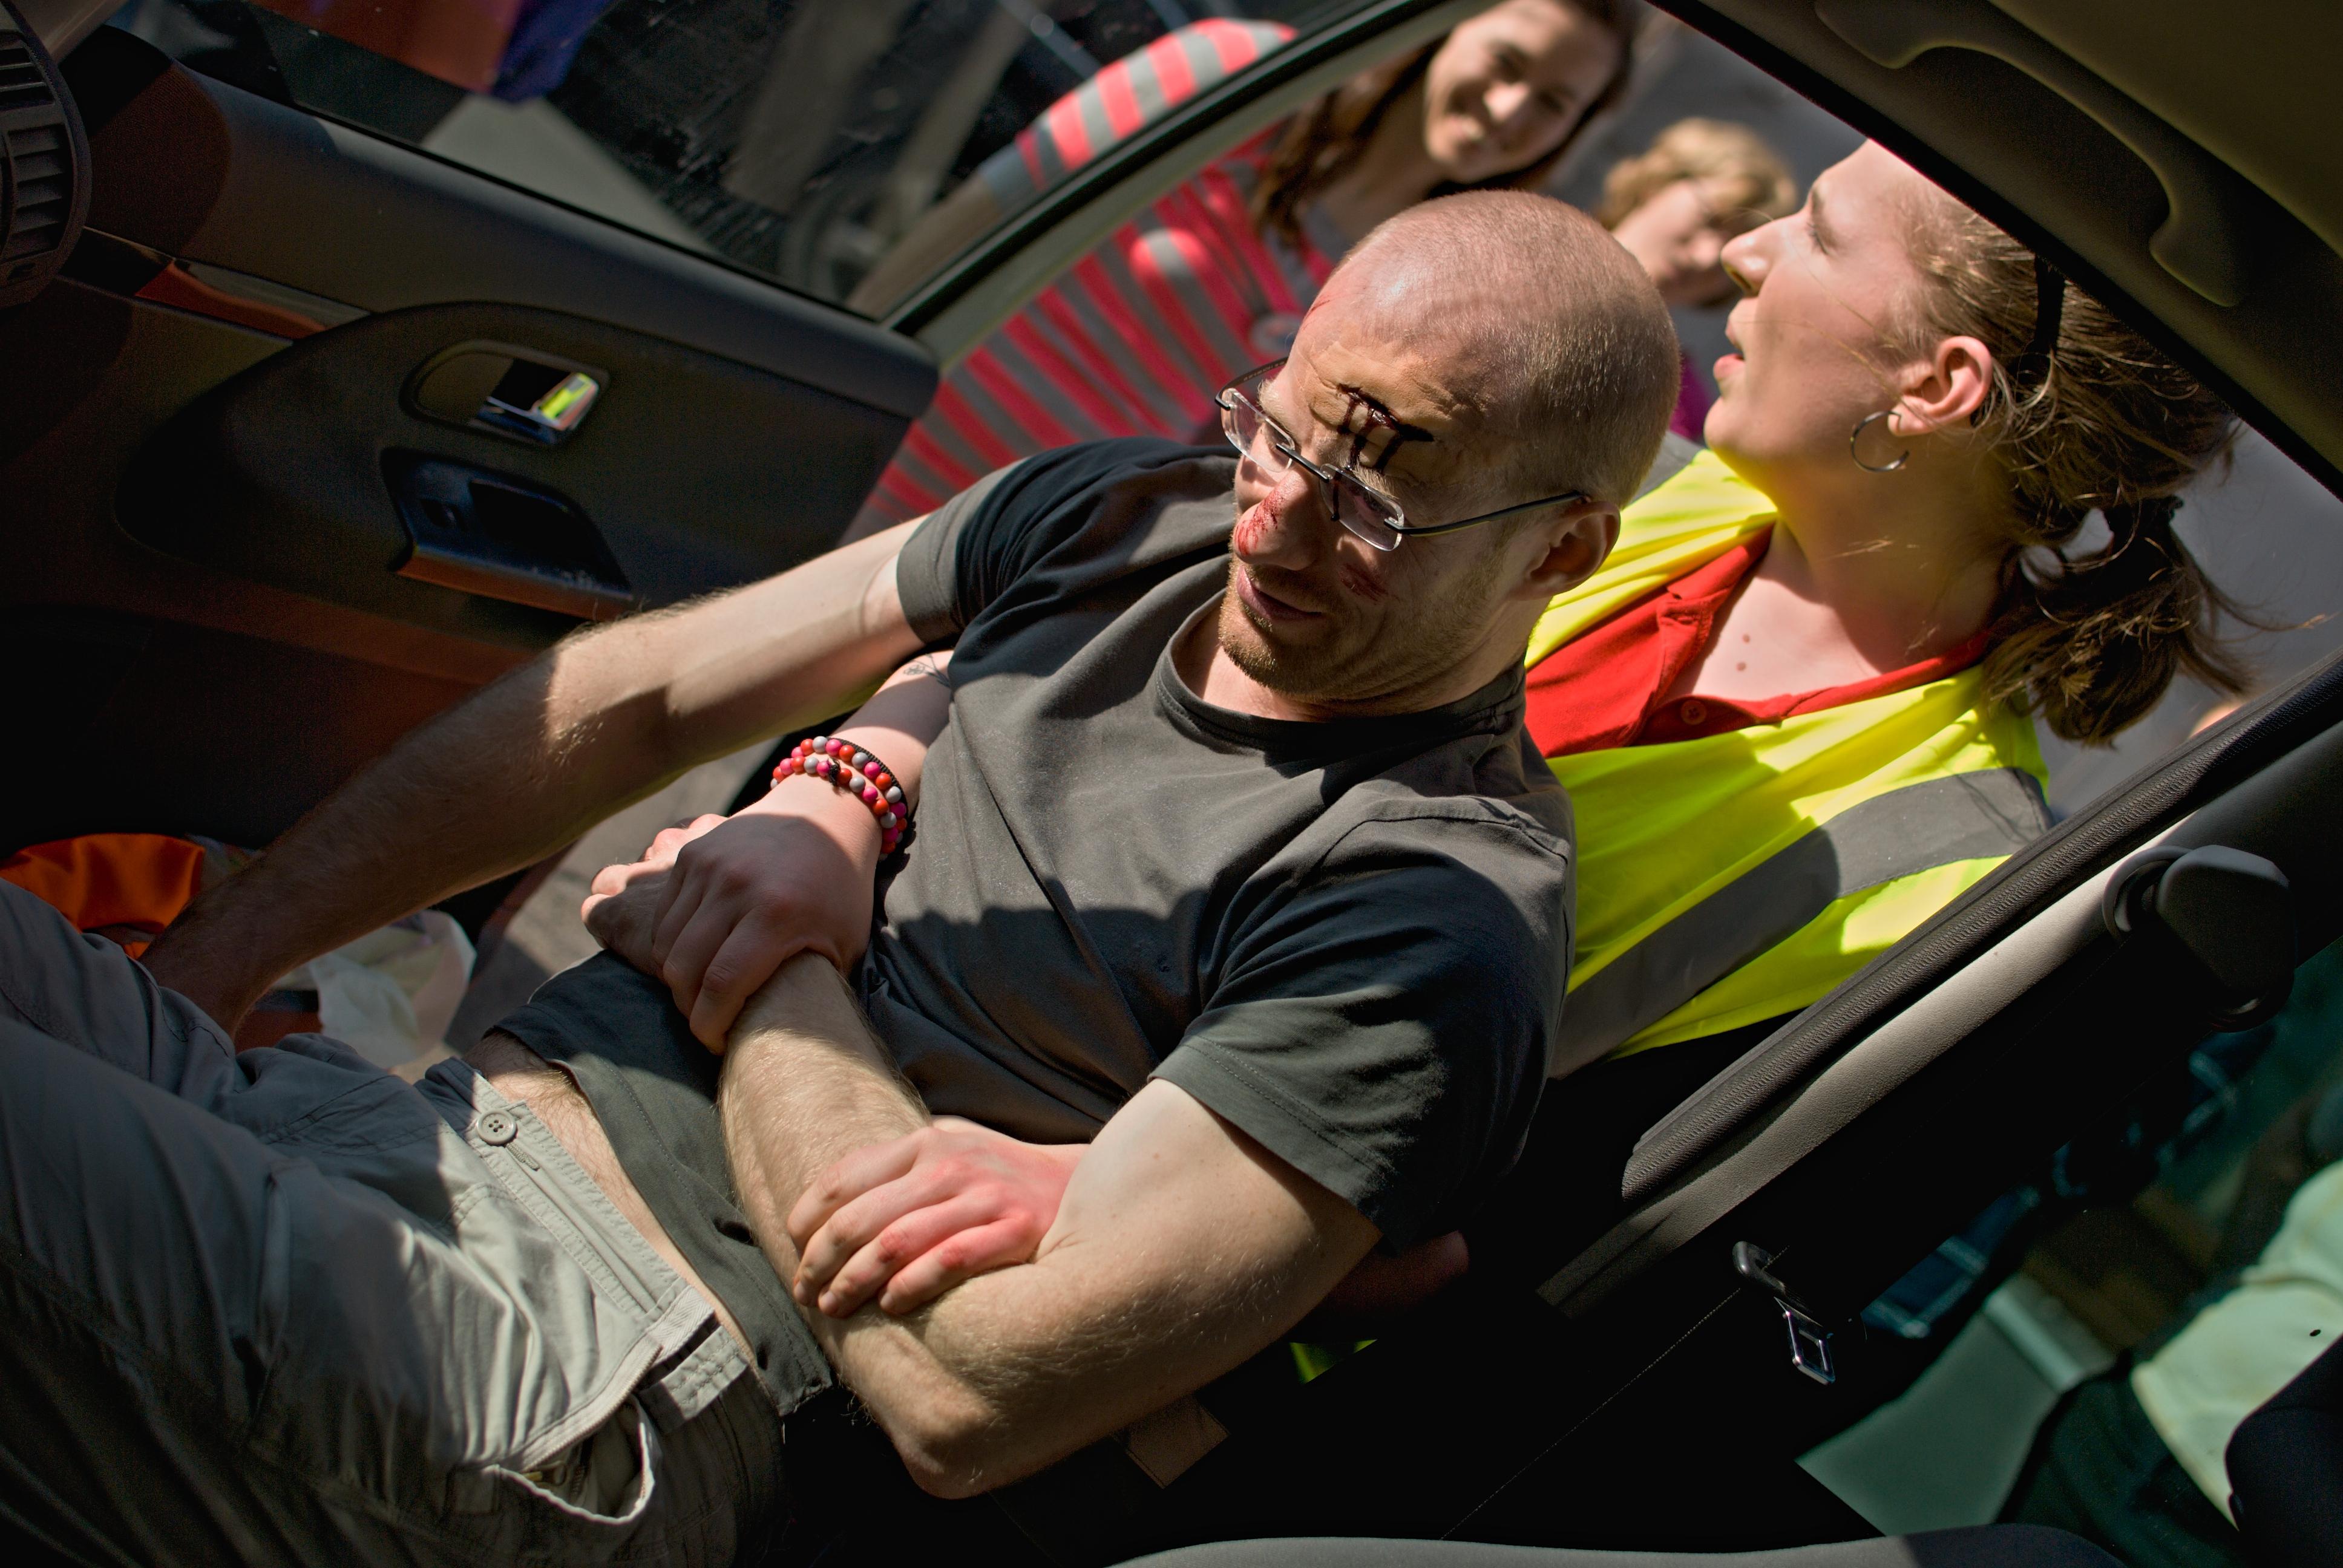 Vytáhnutí člověka v bezvědomí z auta